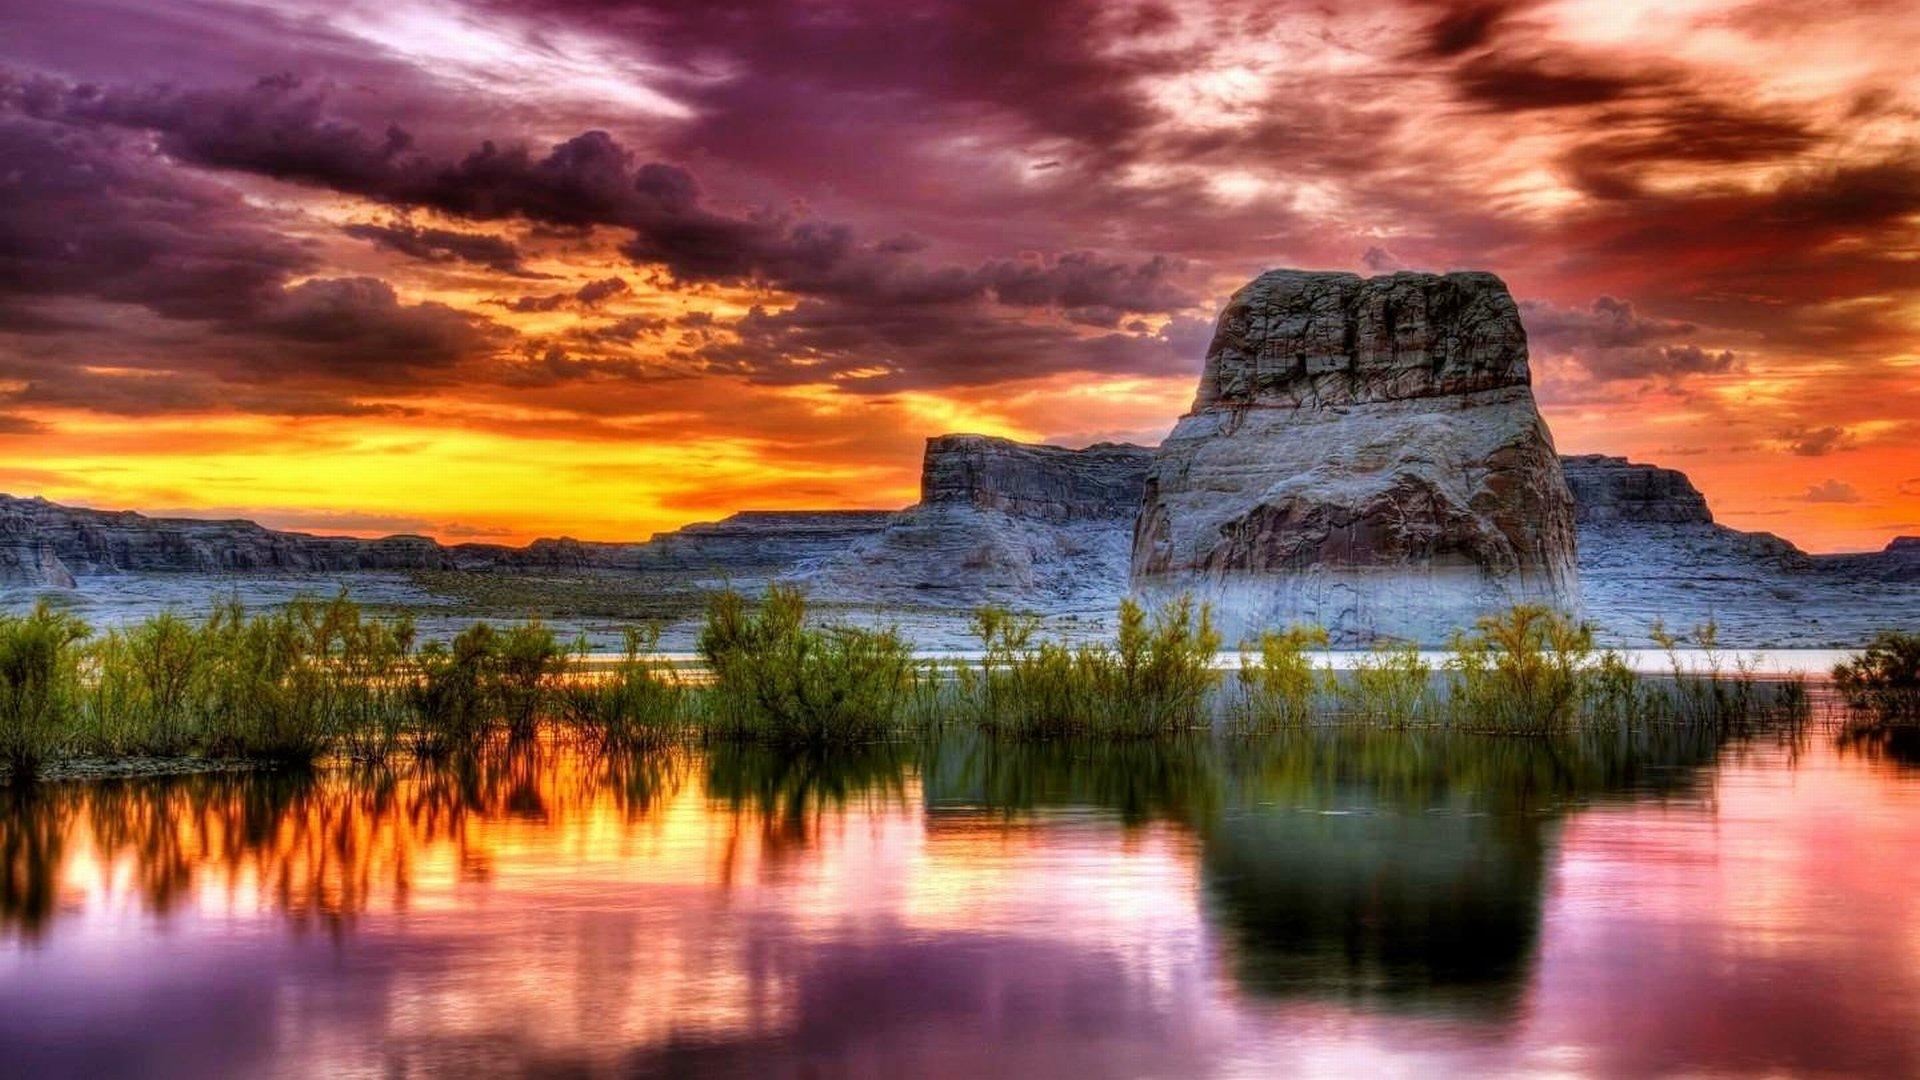 Earth - Sunset  Wallpaper